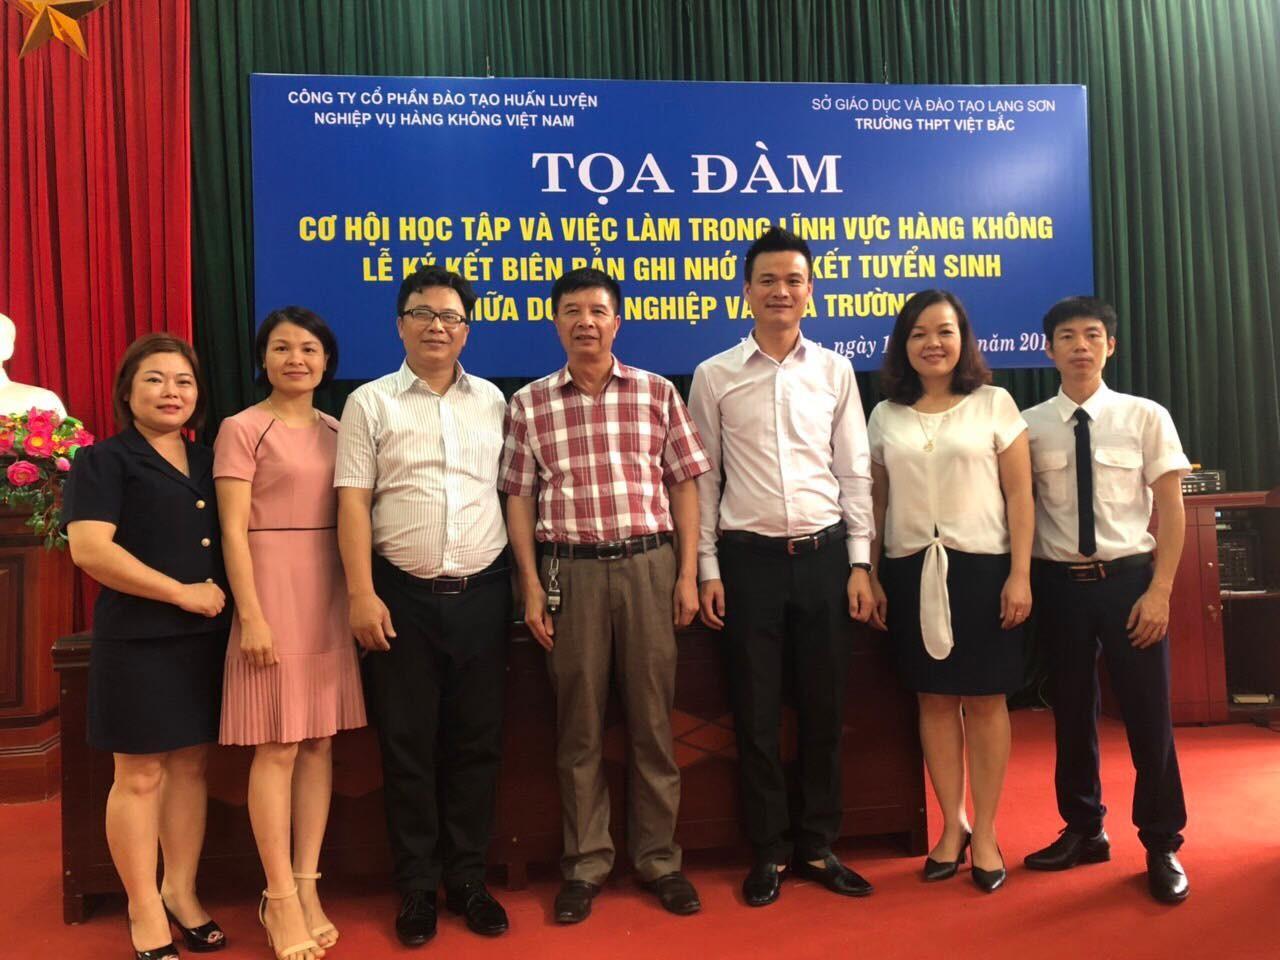 TVNAS phối hợp tổ chức Tọa đàm tại trường THPT Việt Bắc, Lạng Sơn